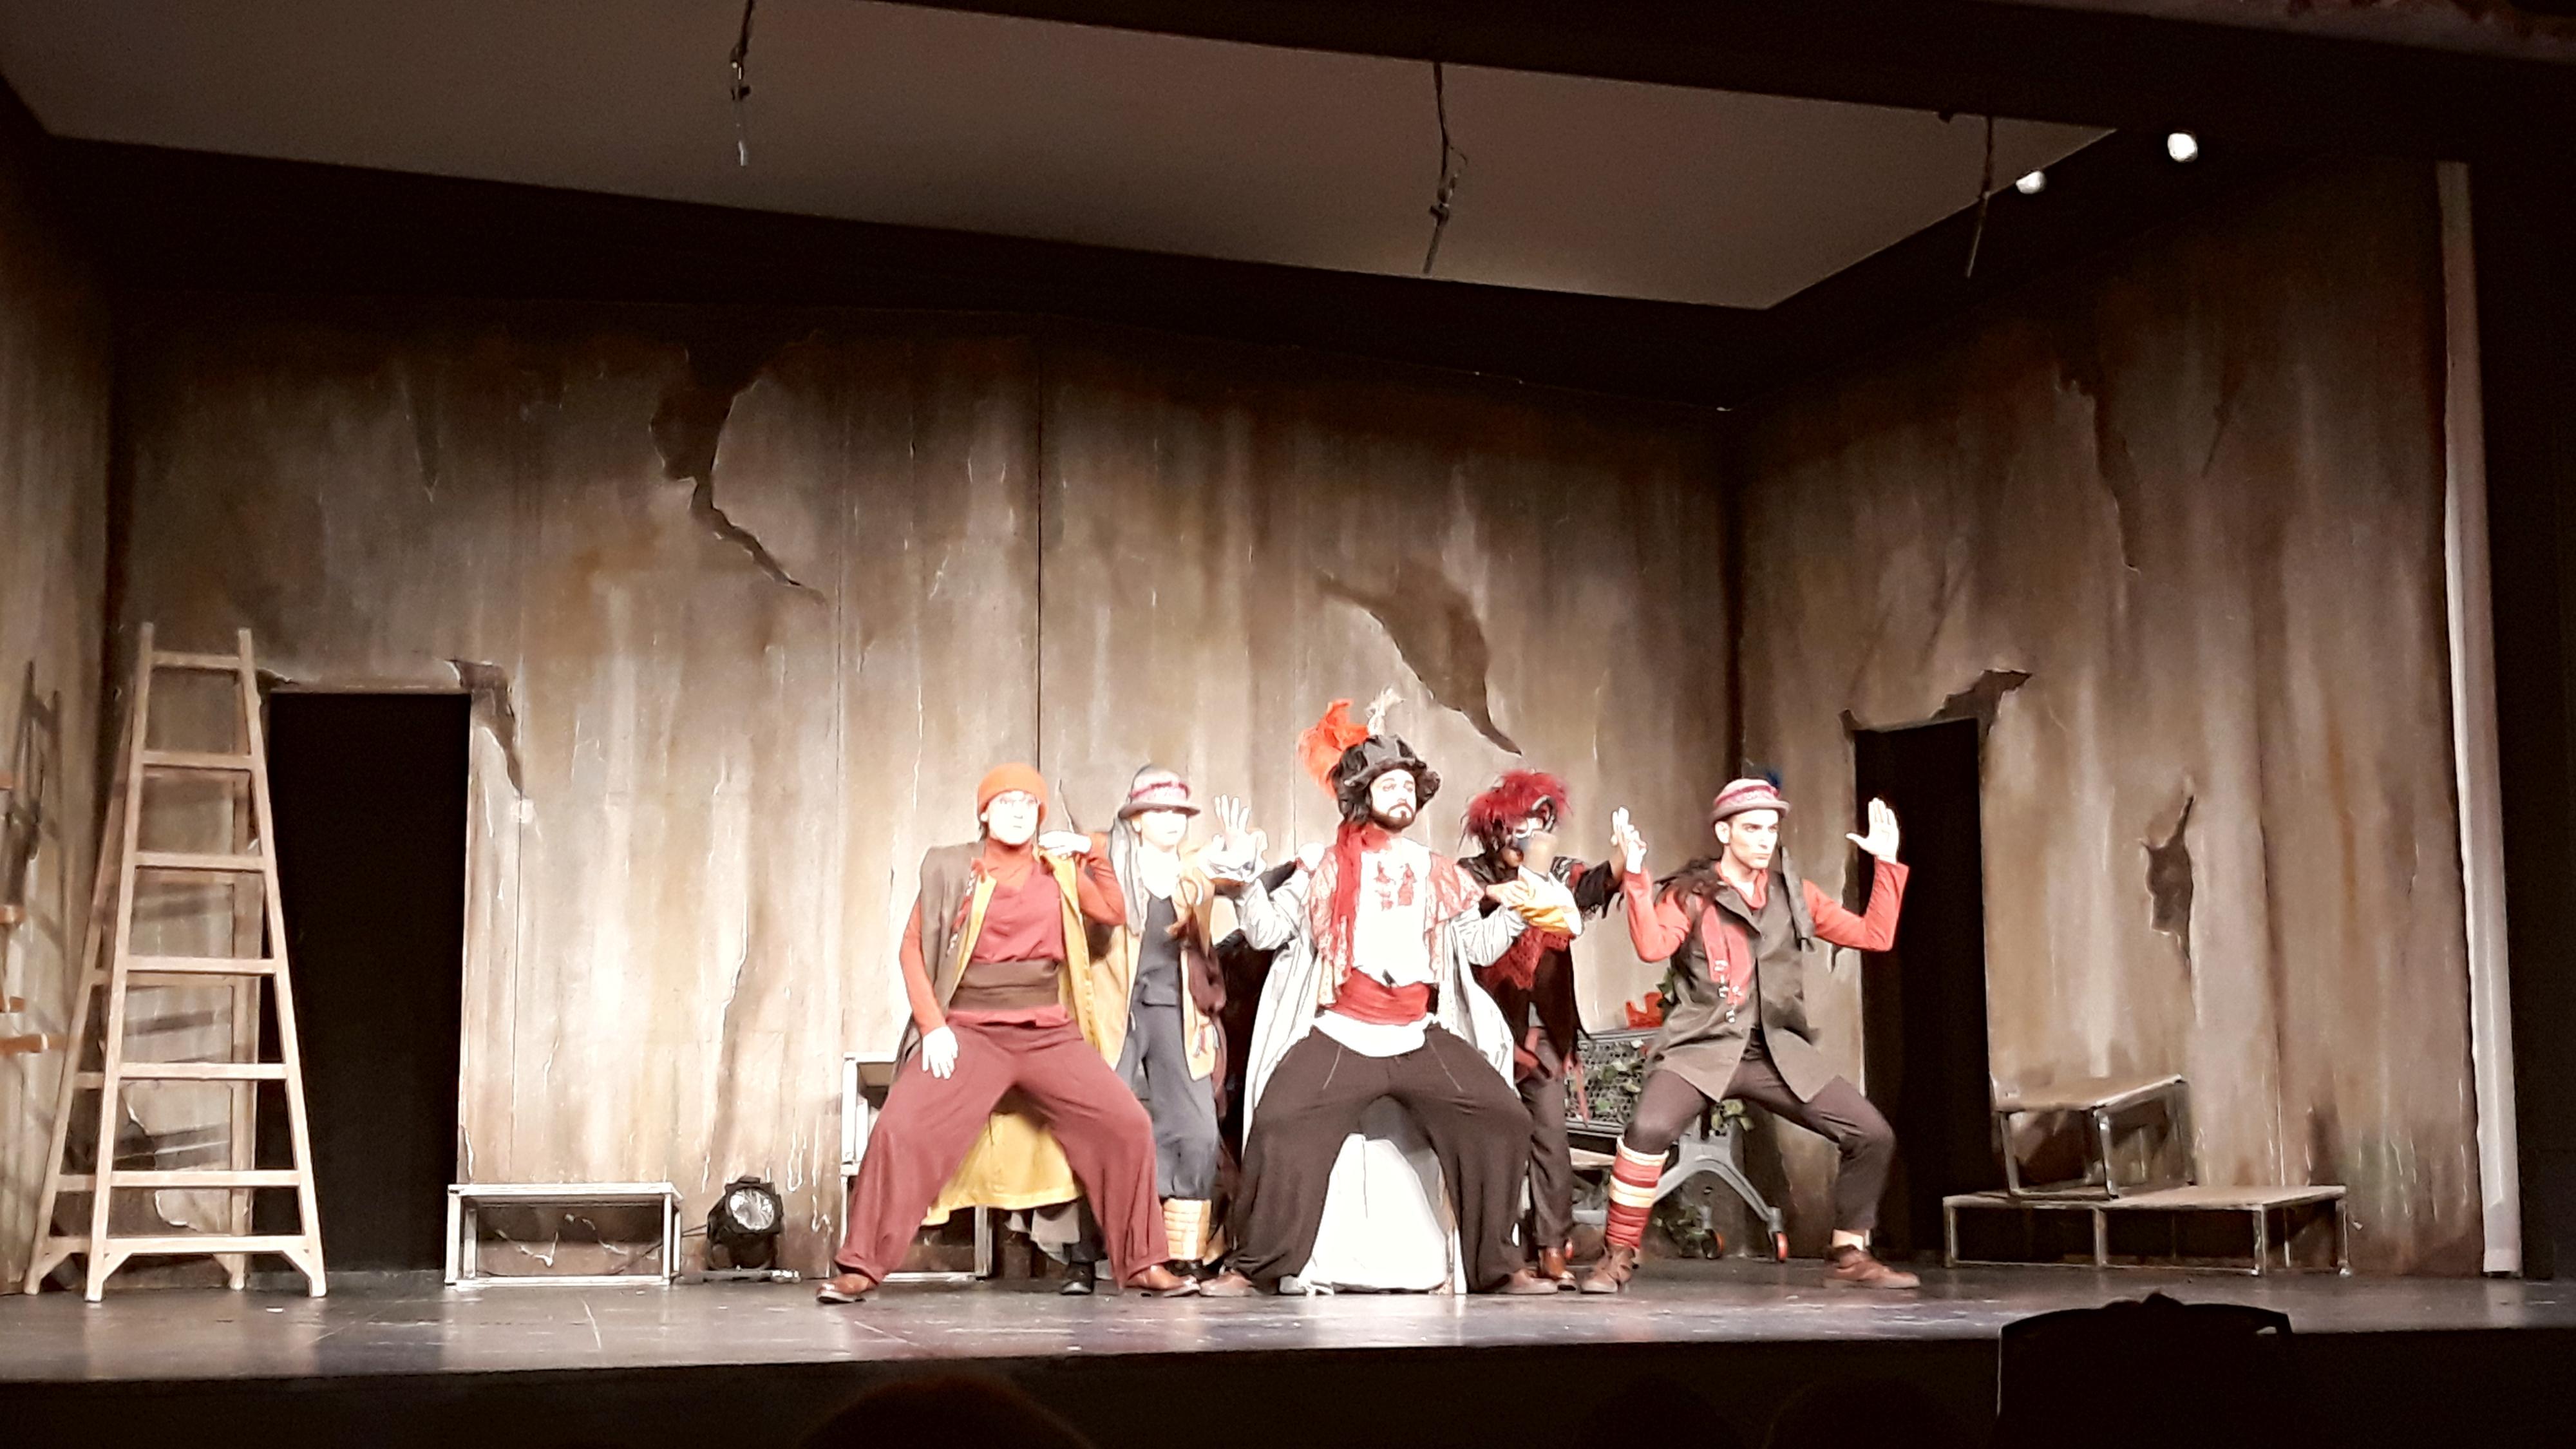 Θέατρο Πήτερ Παν Μαγικές Σβούρες